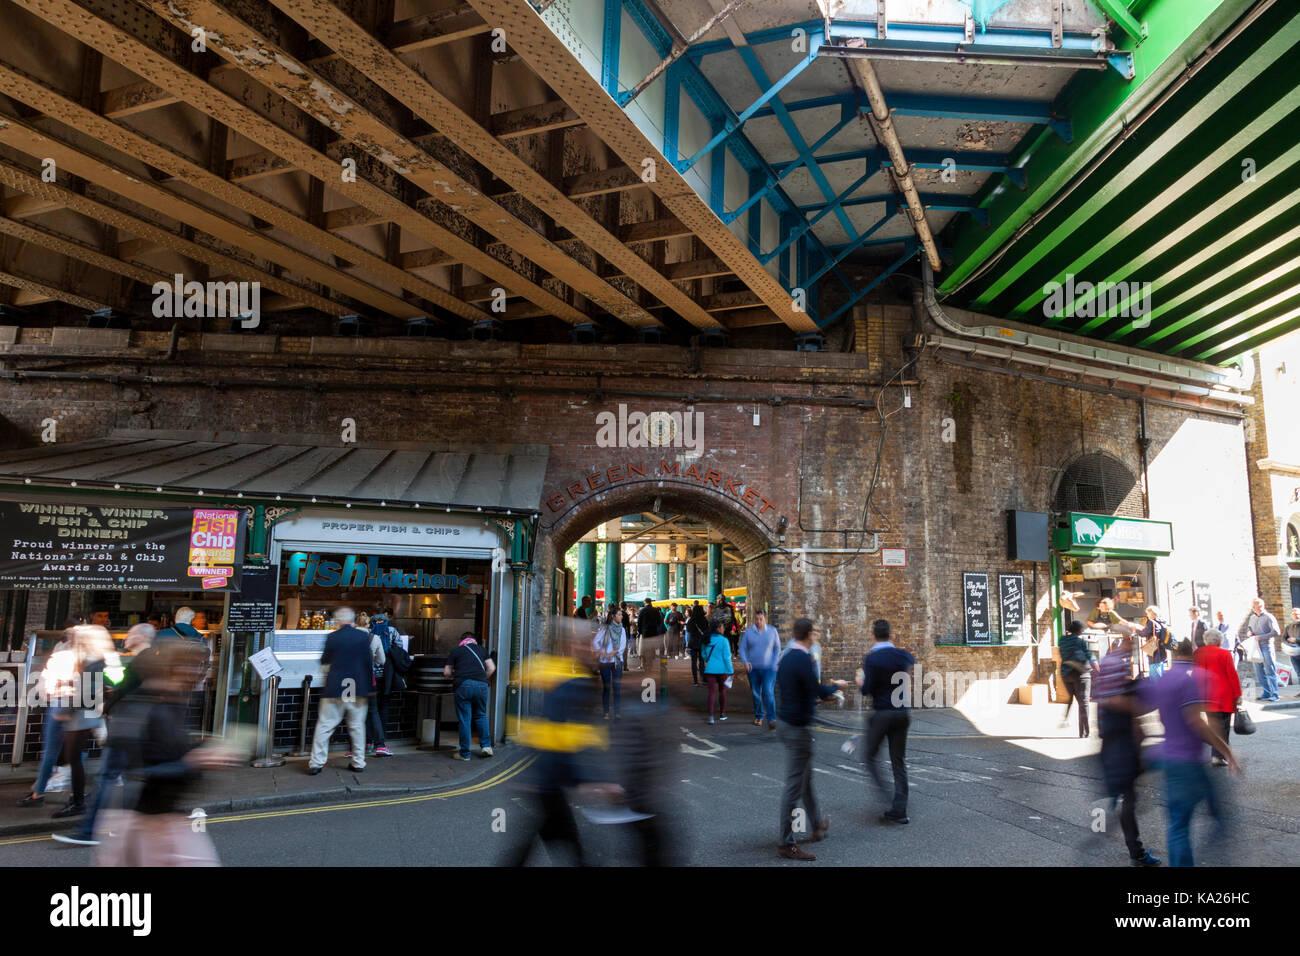 Borough Market, London, England, U.K. - Stock Image